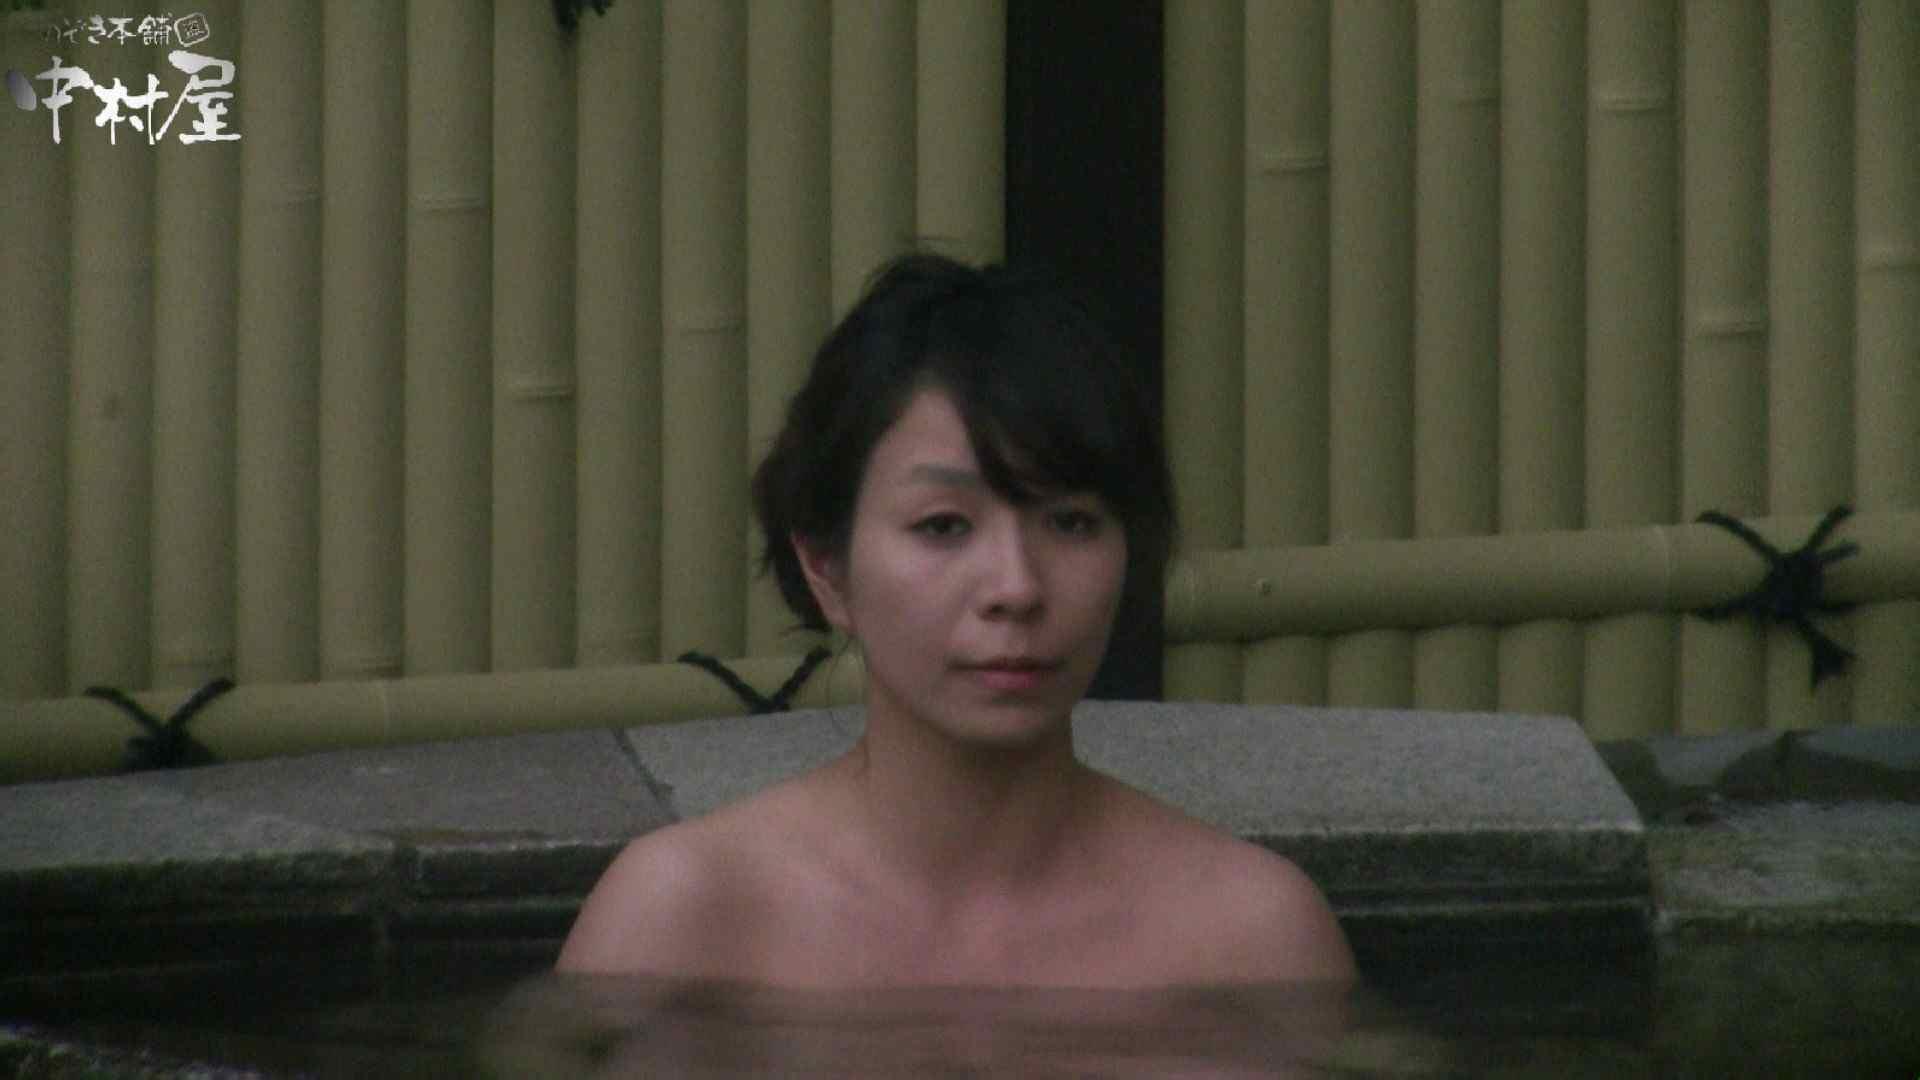 Aquaな露天風呂Vol.930 OL  66pic 17